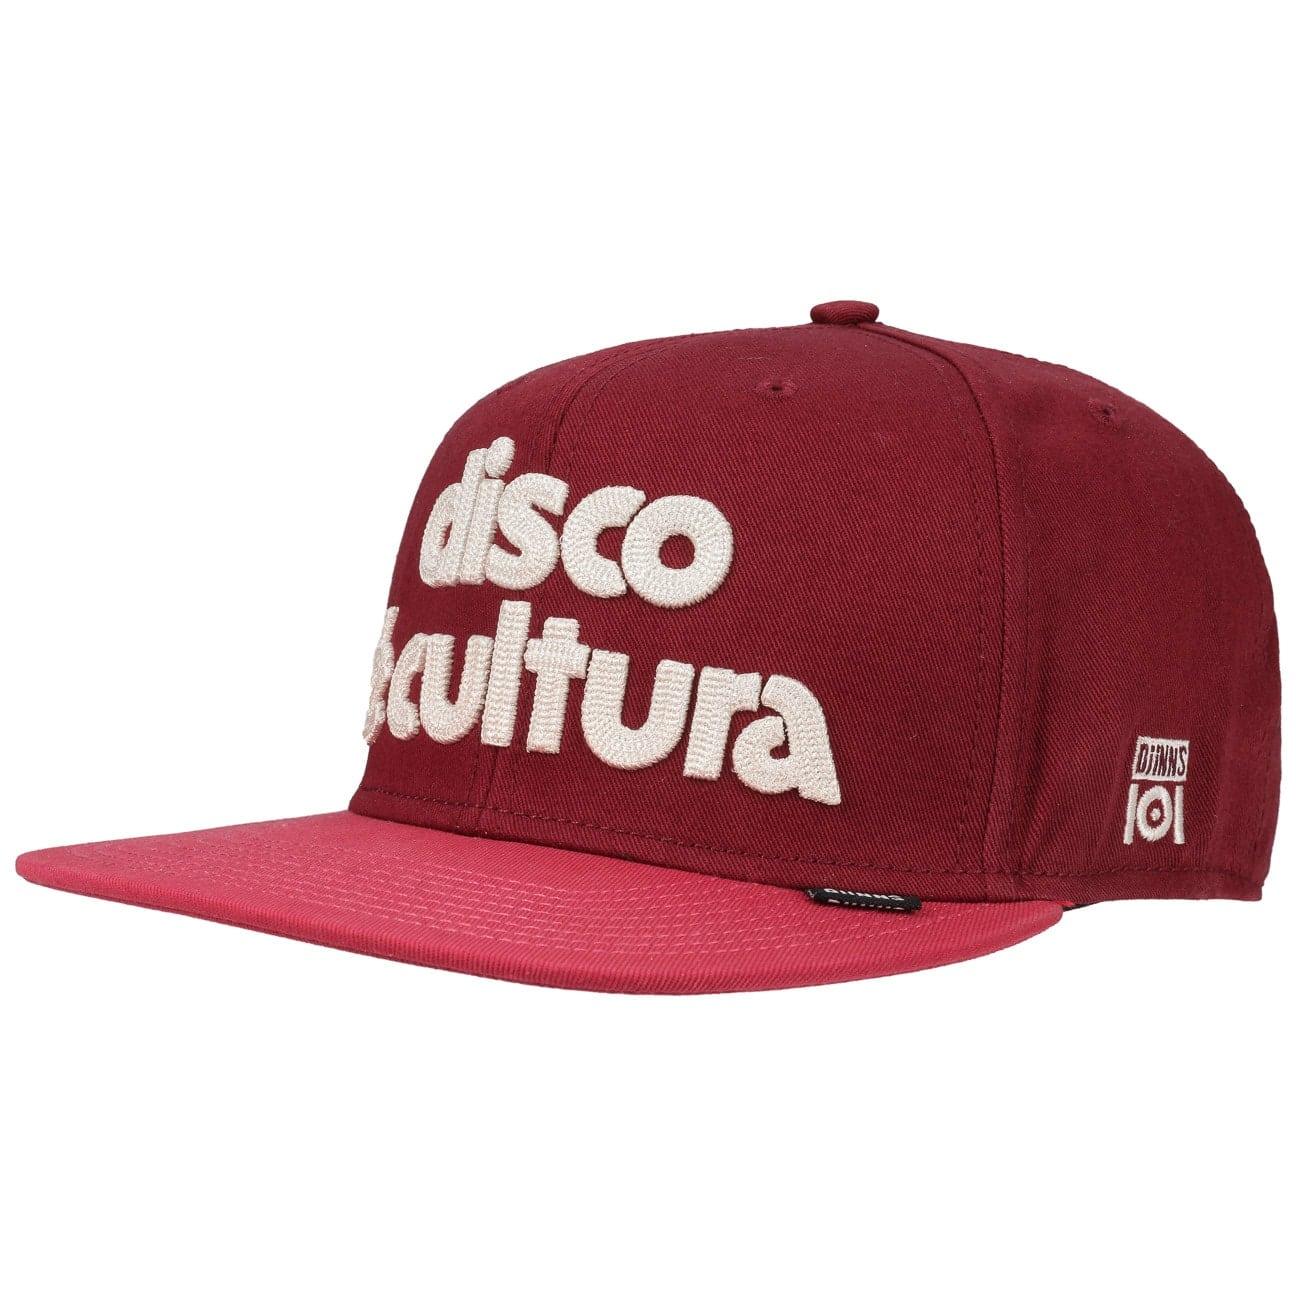 Gorra Disco e Cultura 101 by Djinns  gorra de baseball